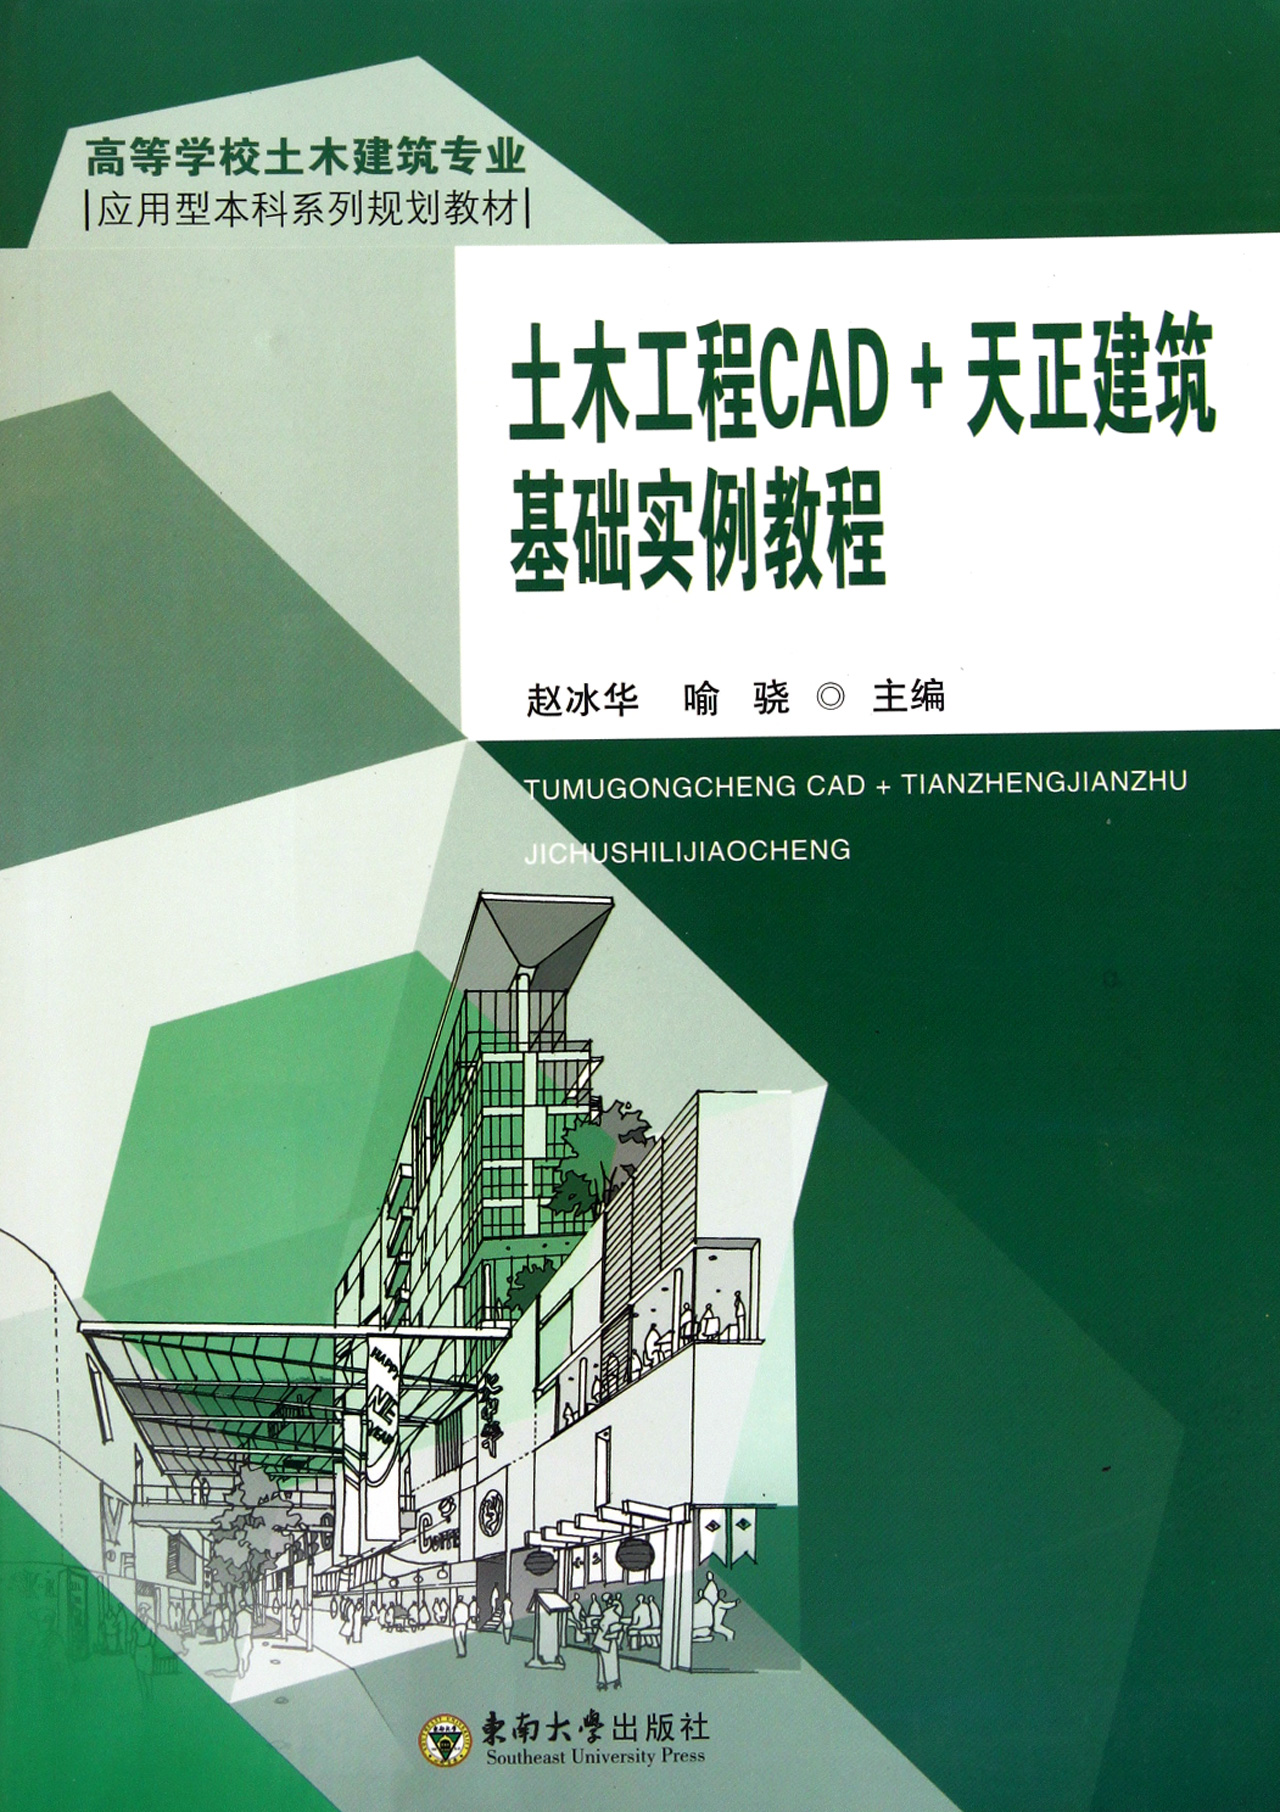 土木工程cad+天正建筑基础实例教程(高等学校土木